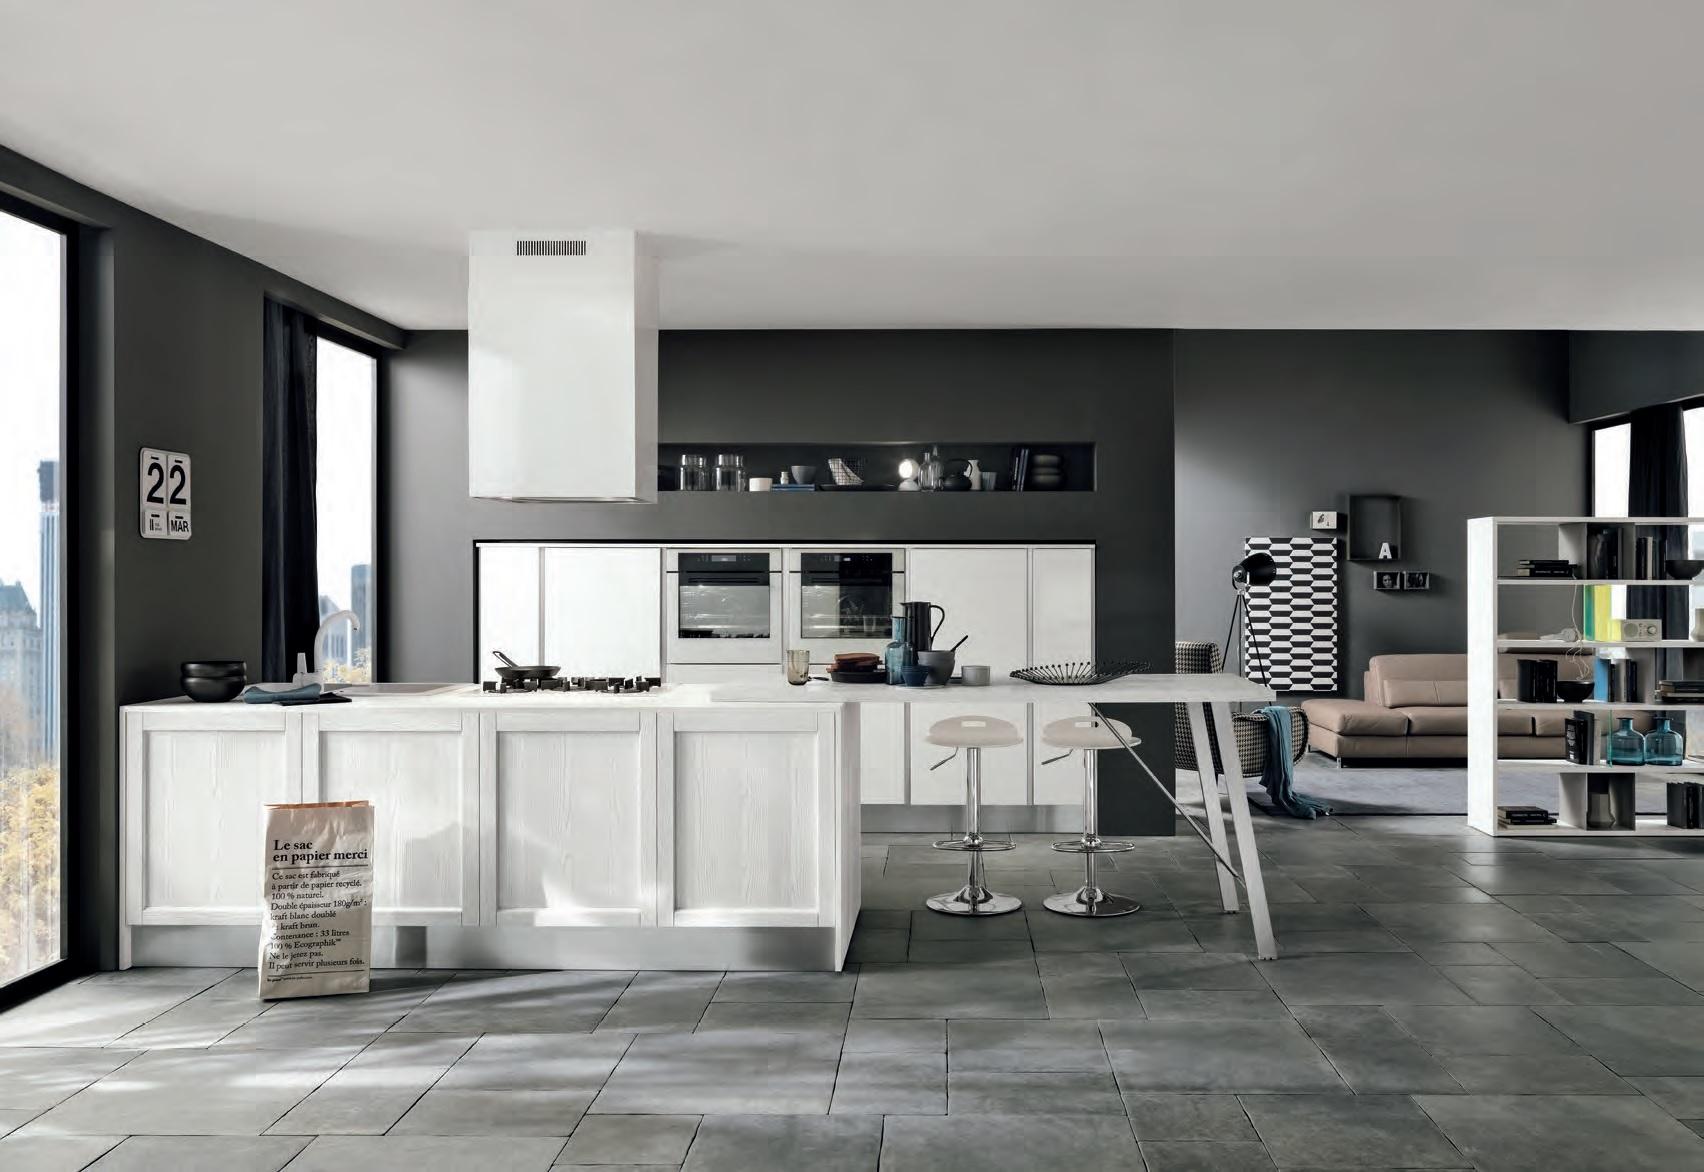 Soggiorno cucina open space contrasti bianco e nero